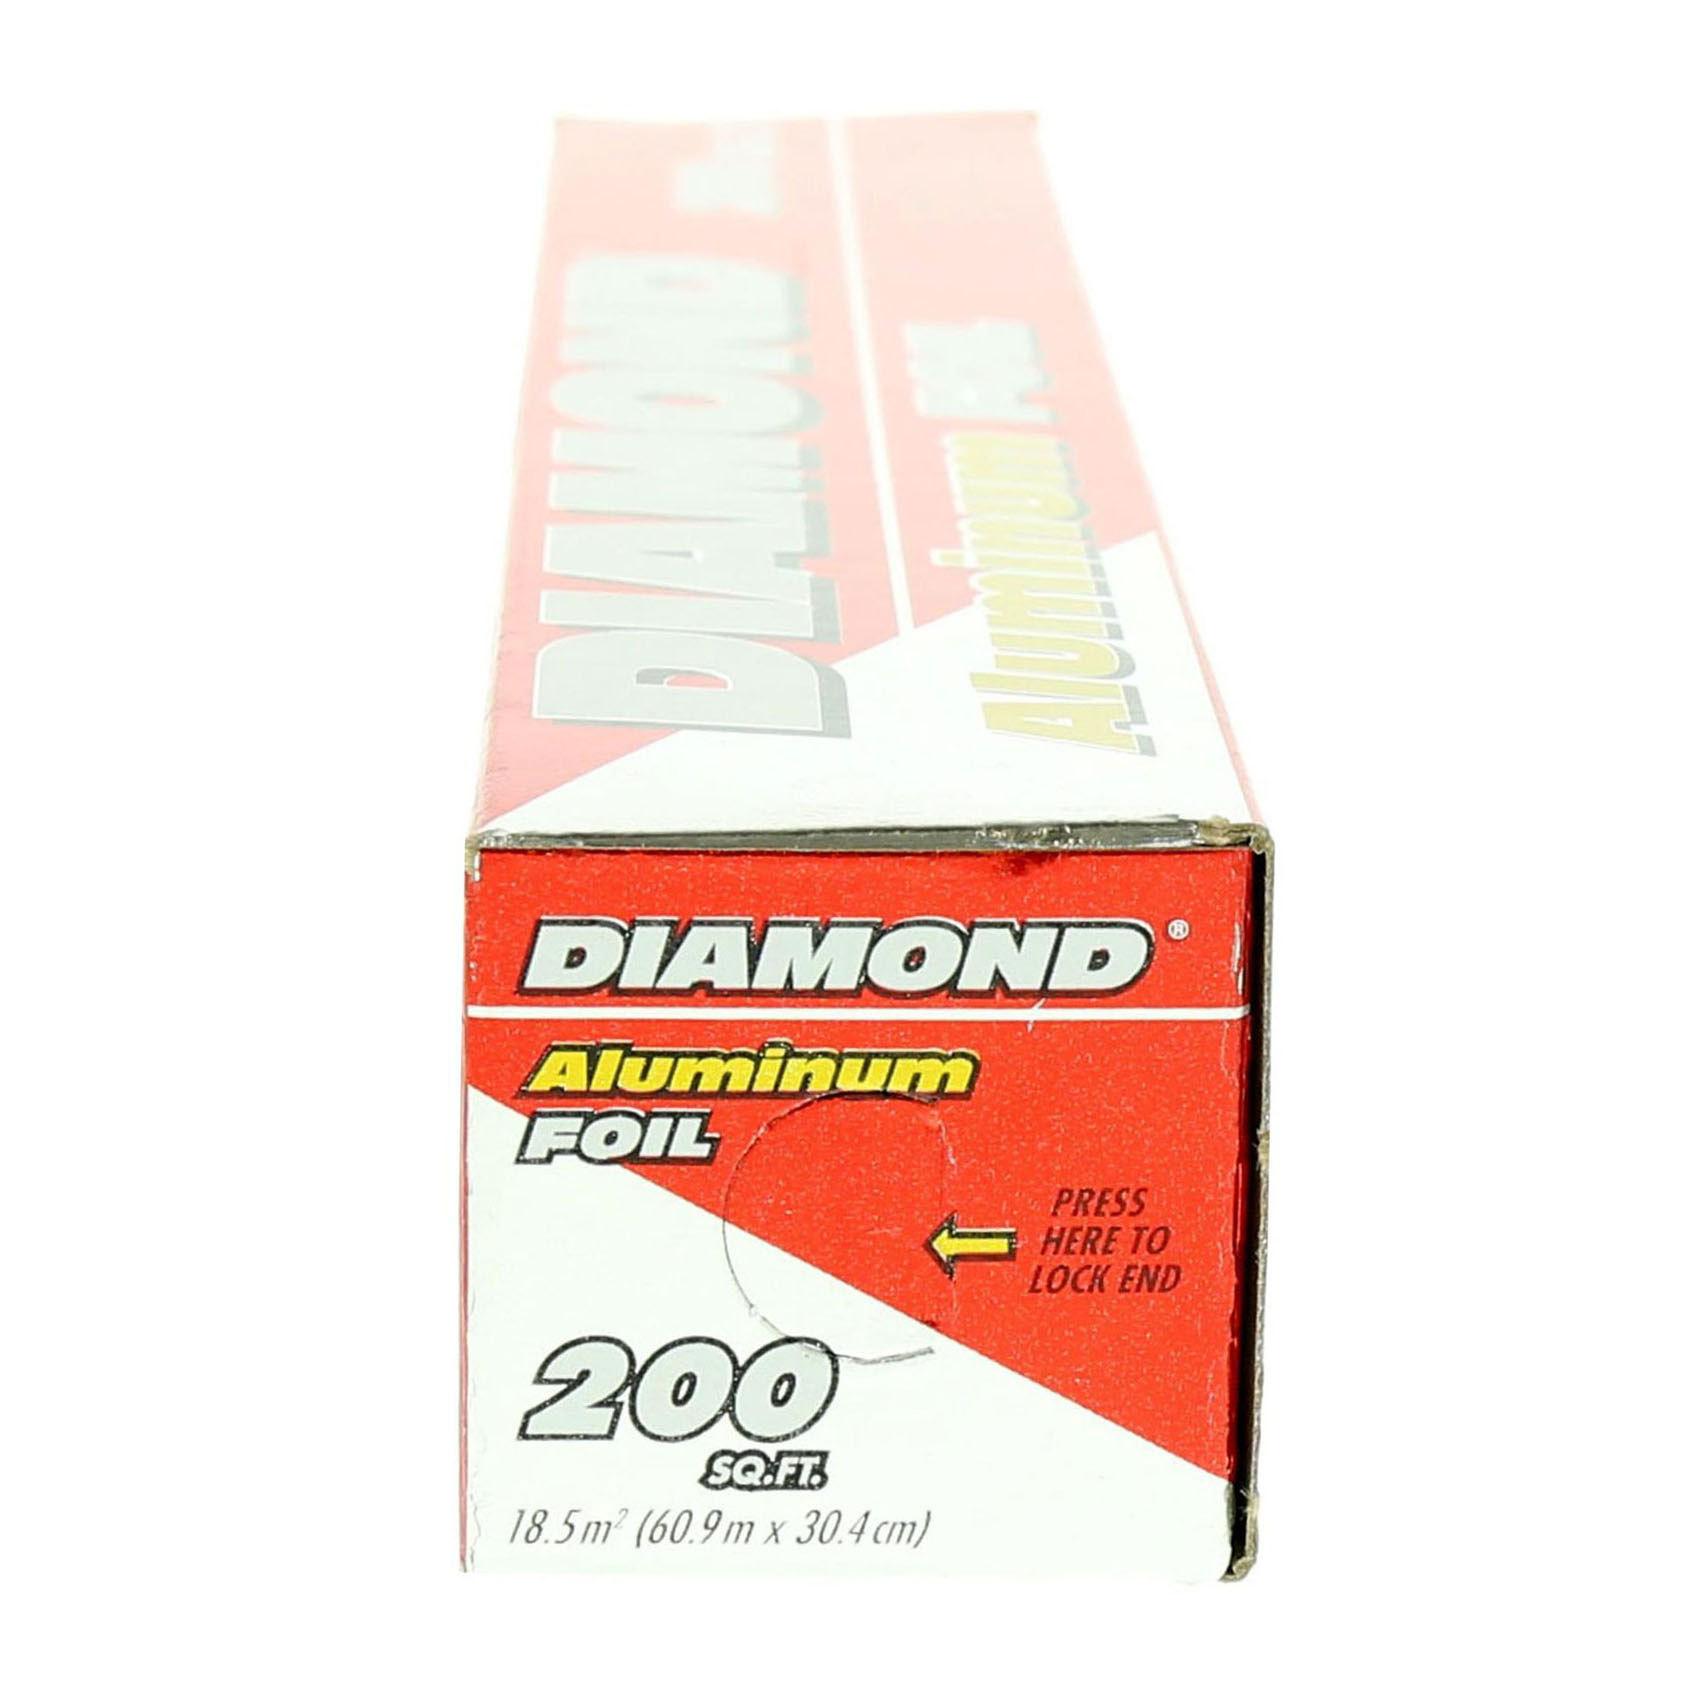 DIAMOND ALU/FOIL 200 SQFT